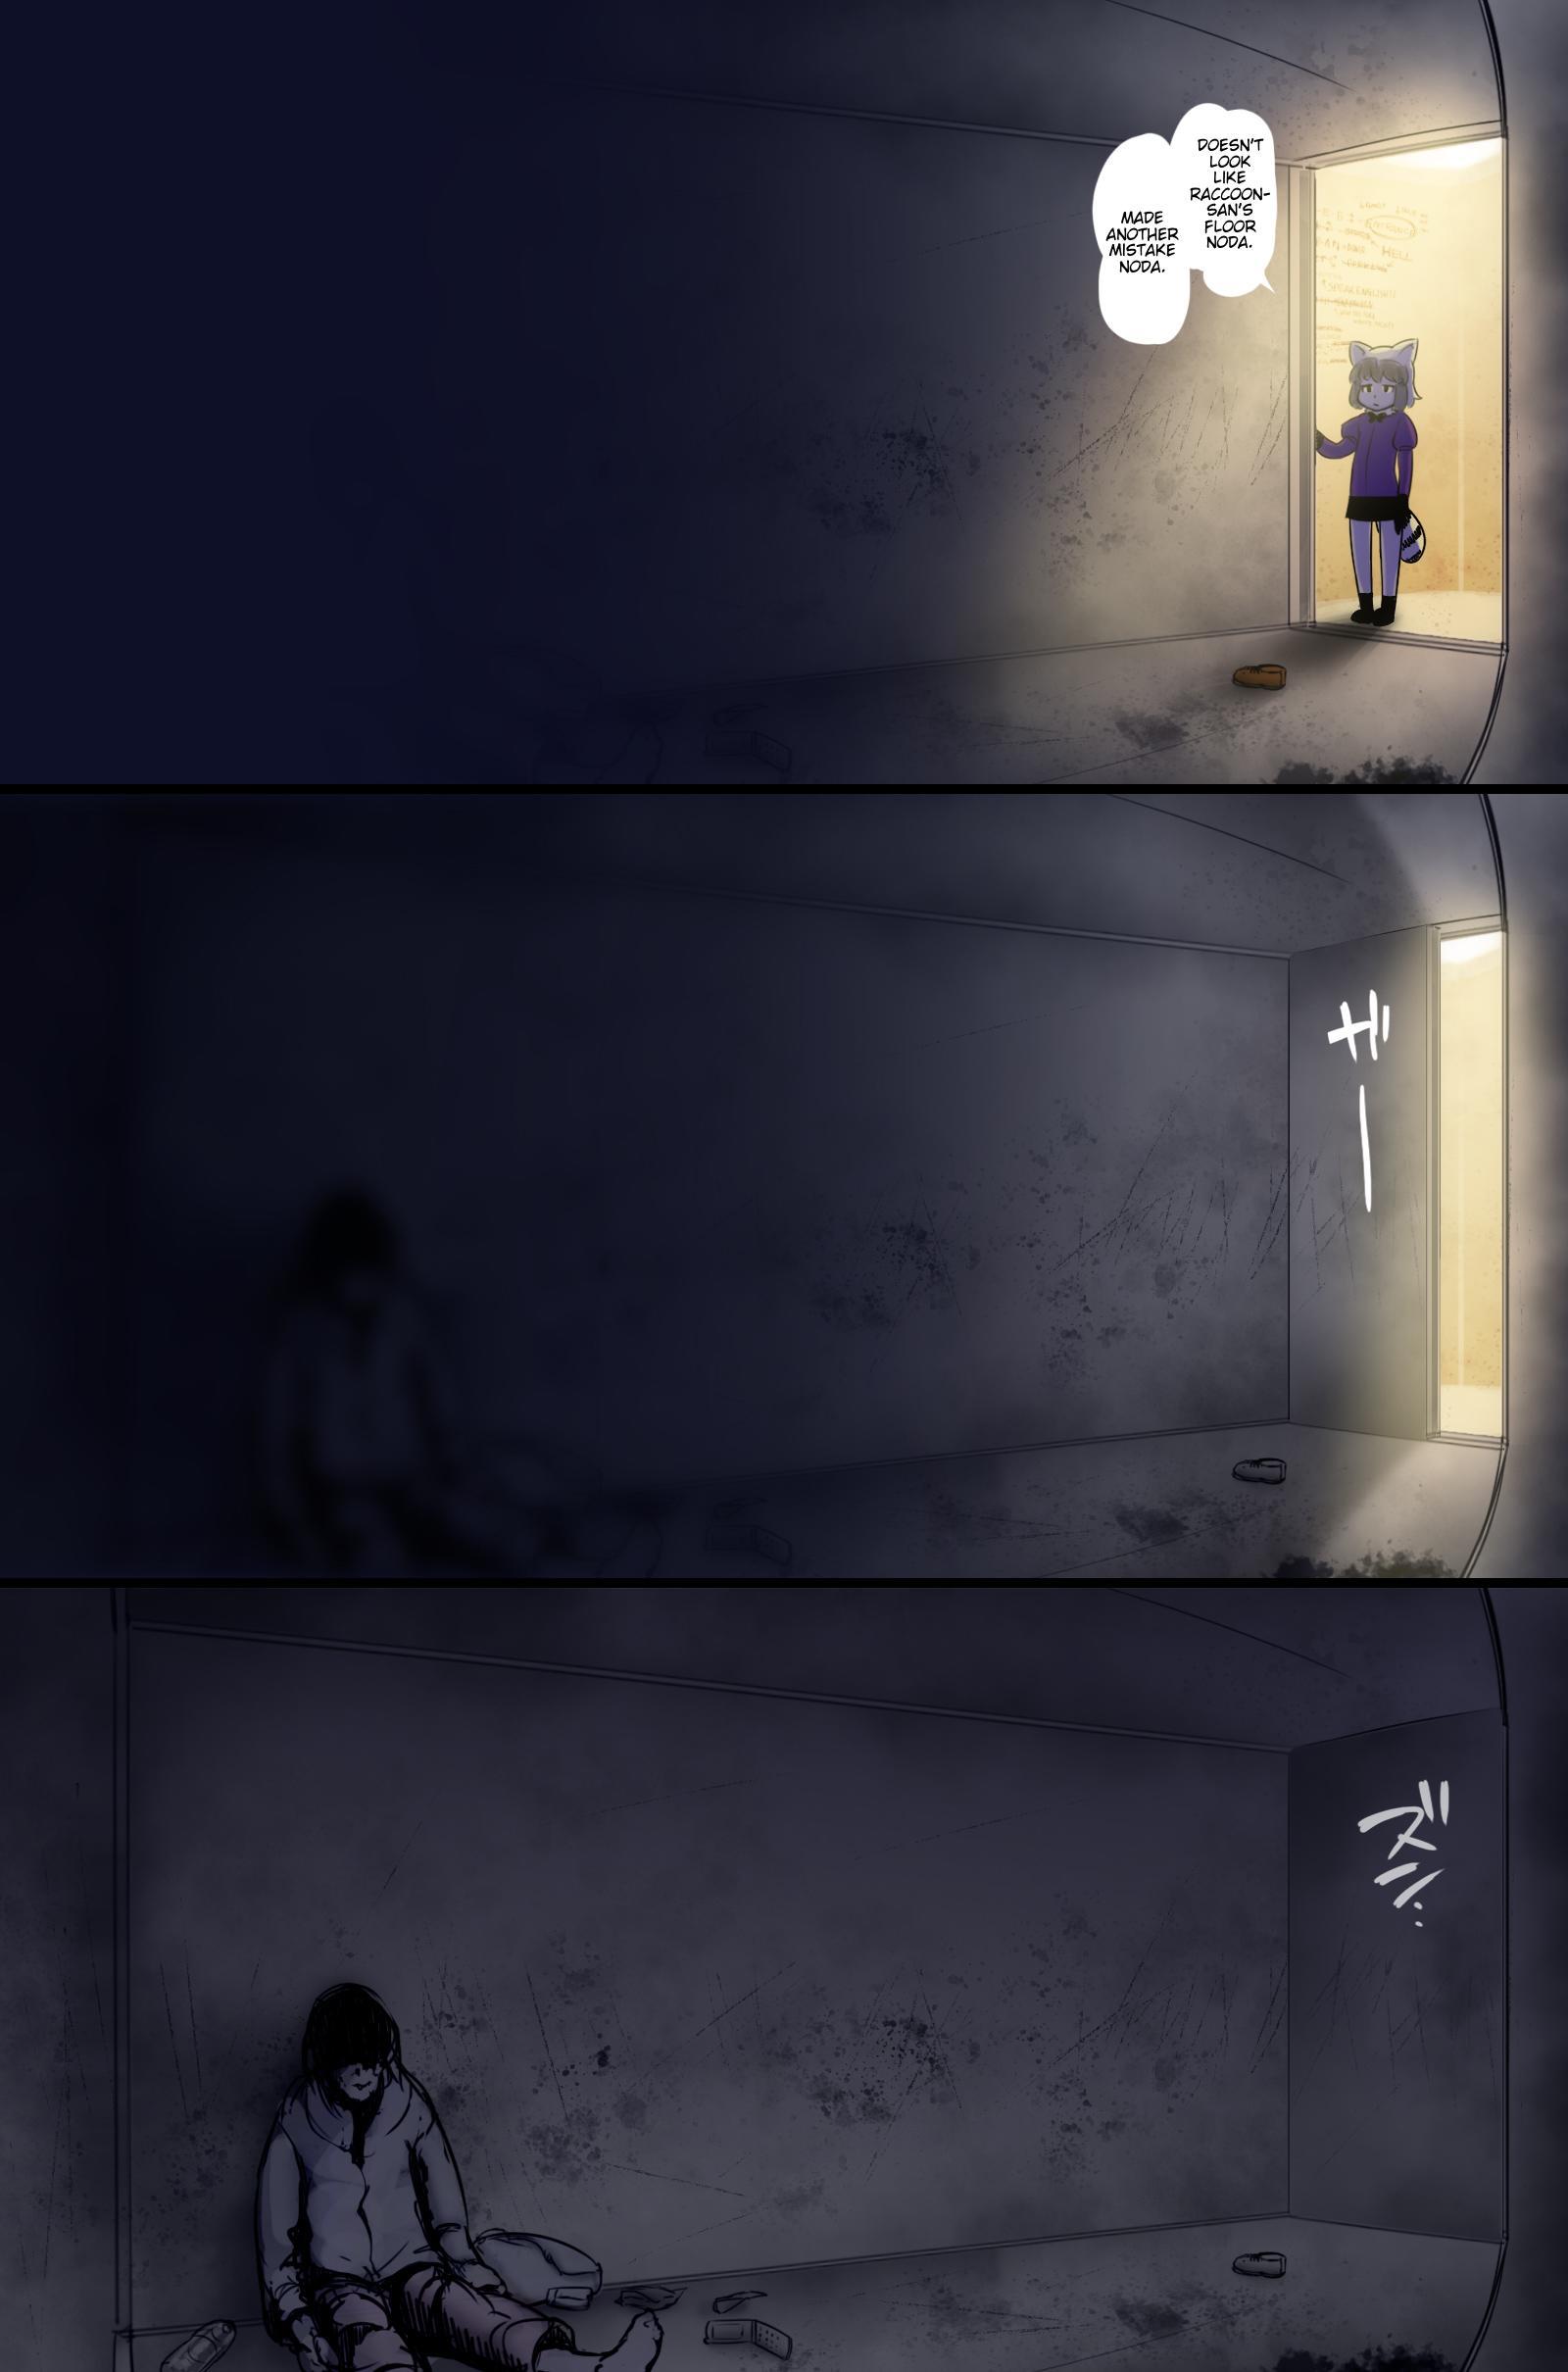 Raccoon-San Mansion Chapter 8 page 1 - Mangakakalots.com